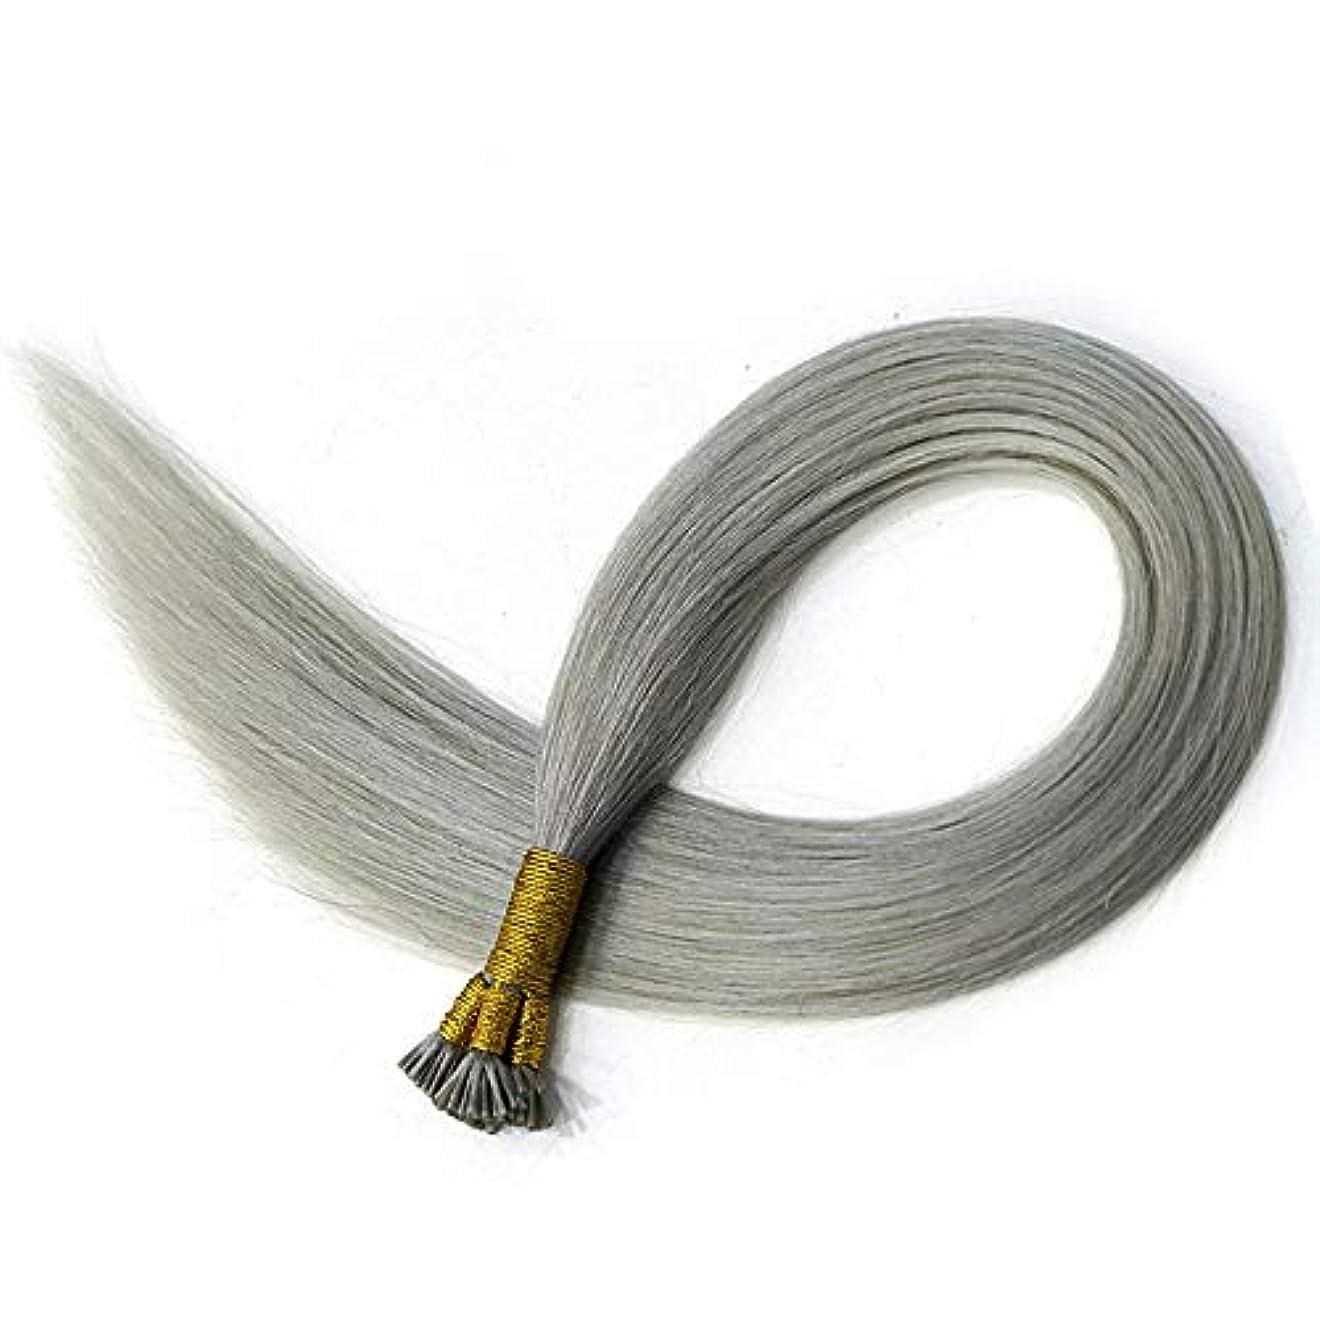 会員曖昧な新しい意味WASAIO ヘアエクステンション人毛スリヴァー灰色デュアル描かれたネイルヘアエクステンション100グラム/パック (色 : グレー, サイズ : 16 inch)